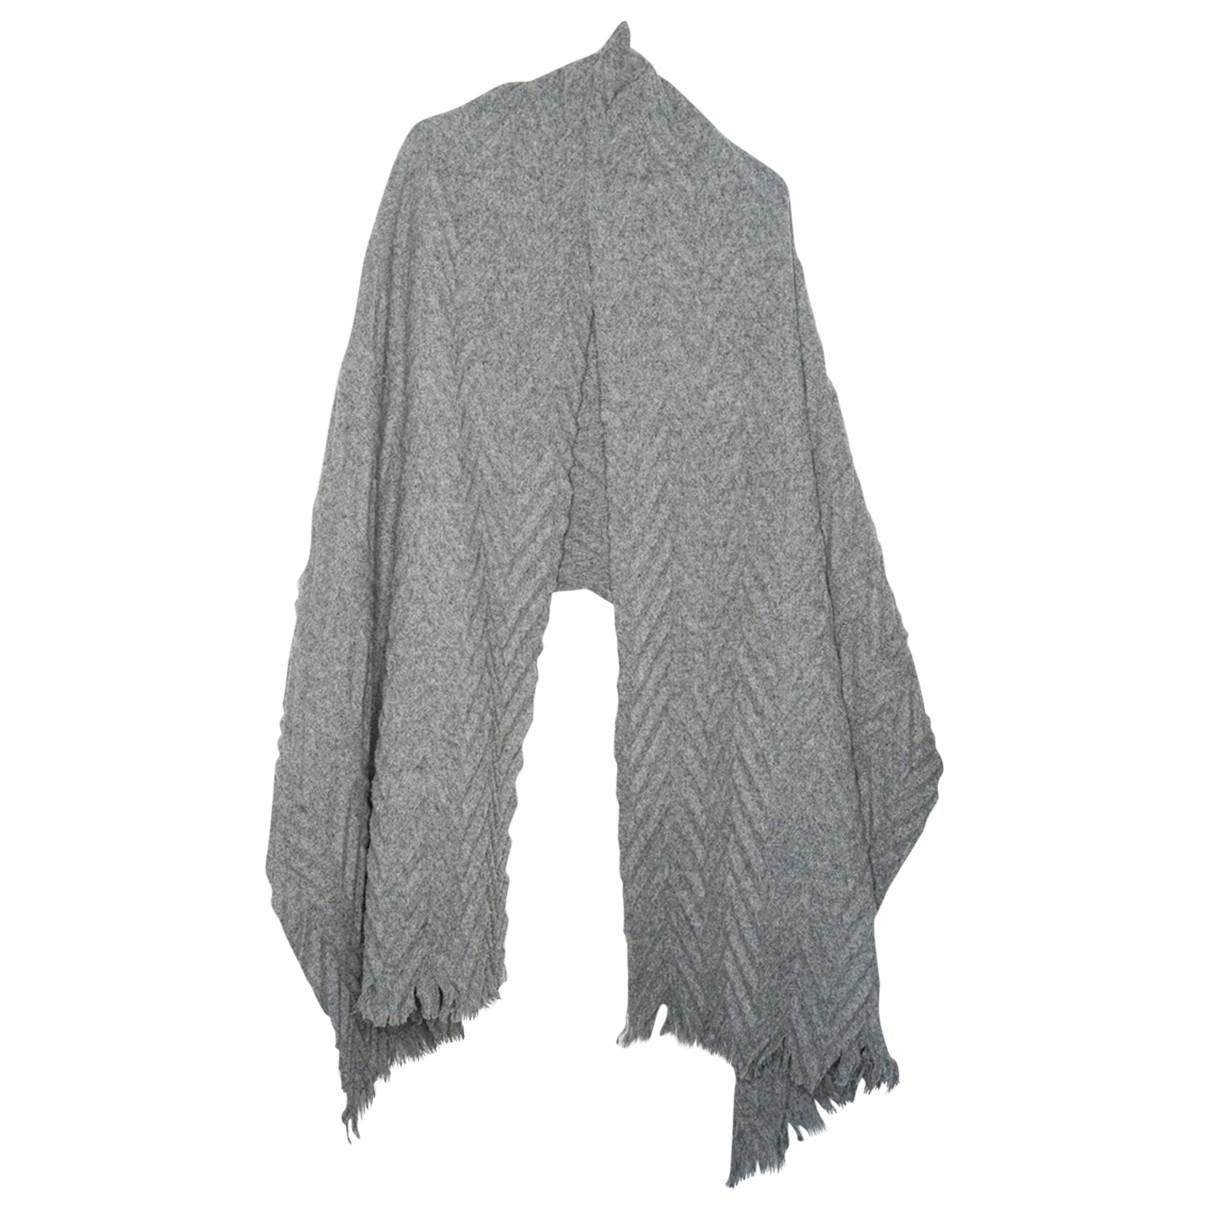 Cos \N Schal in  Grau Wolle